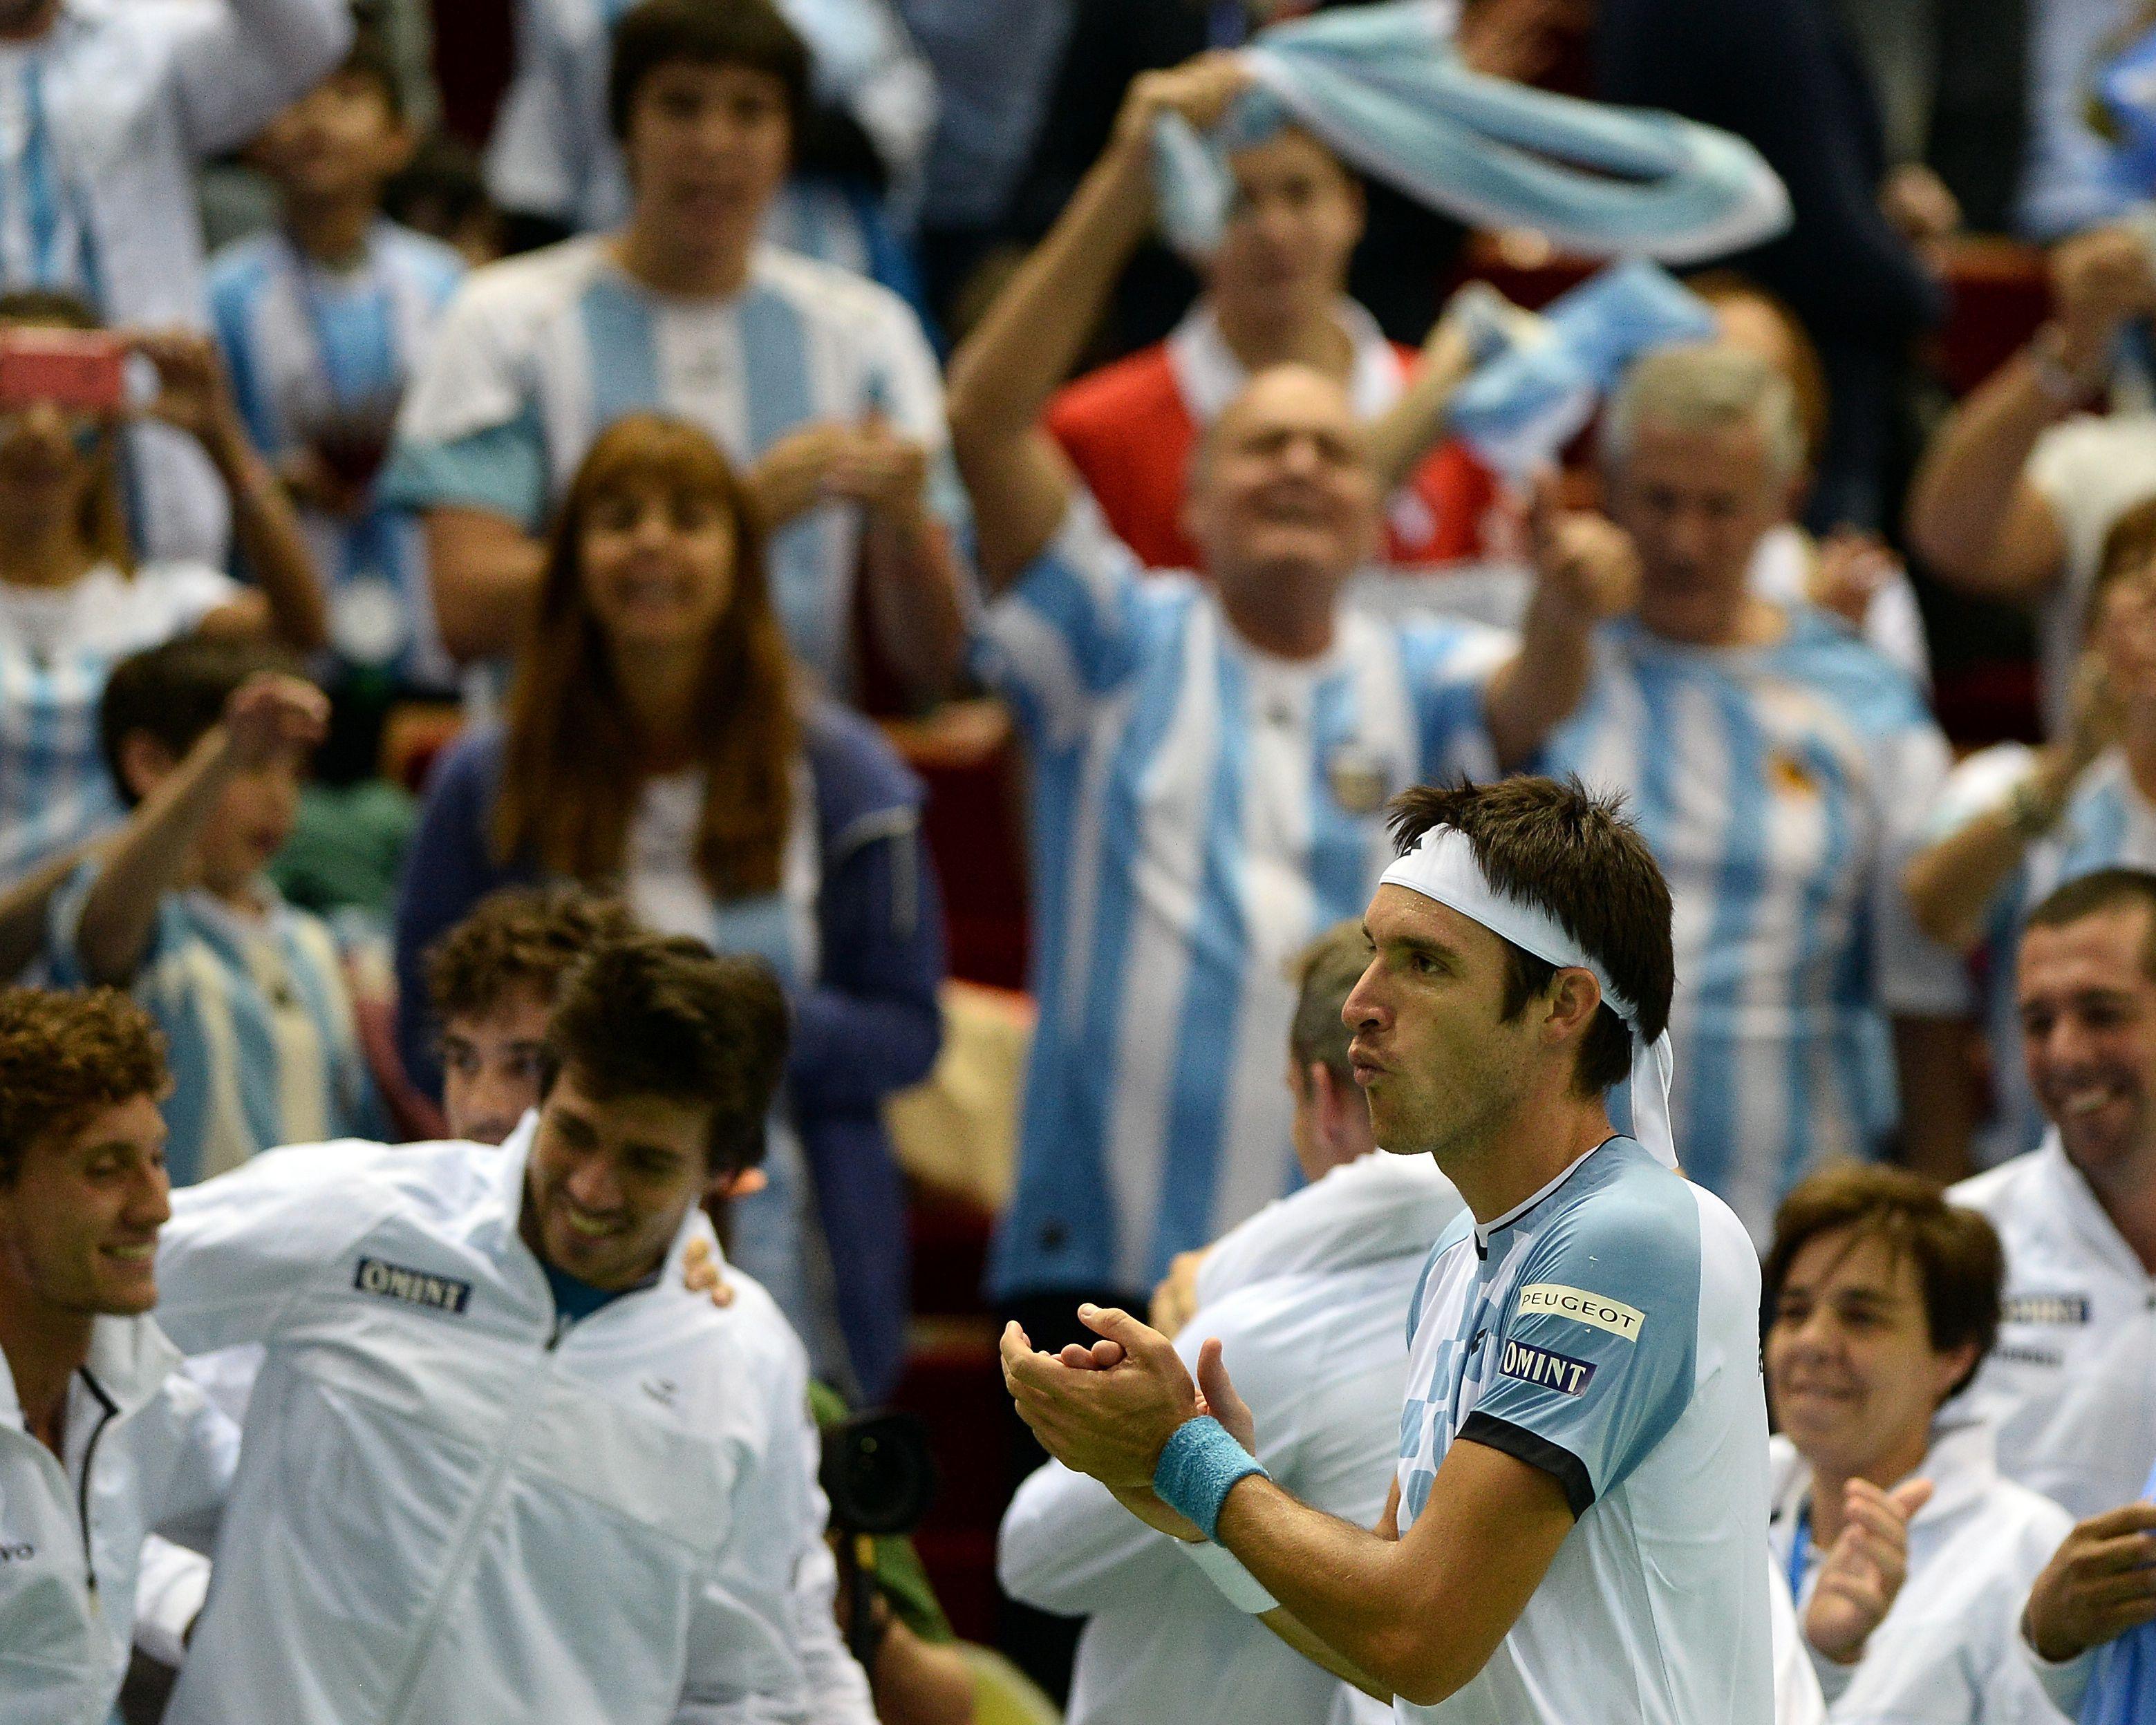 Aplausos. Leo desató el festejo del equipo argentino y de los hinchas en Polonia.